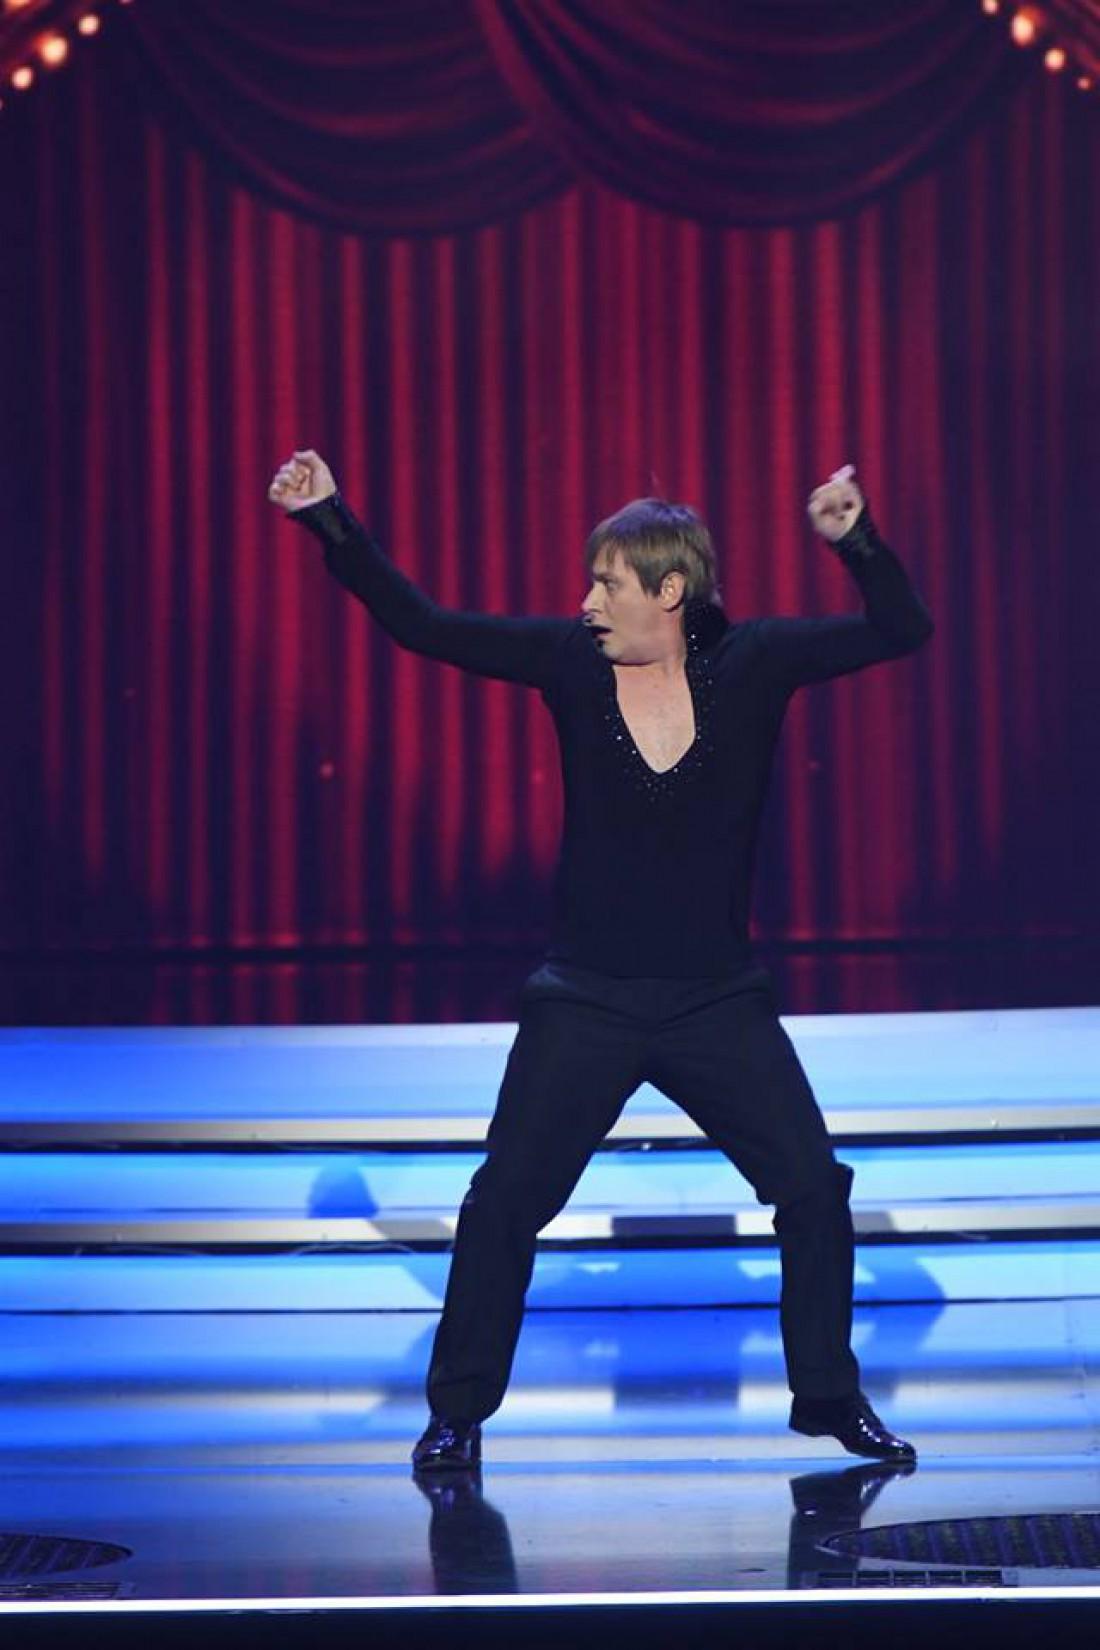 Квартал 95 пародия на шоу Танці з зірками: Степан Казан в роли Дмитрия Комарова